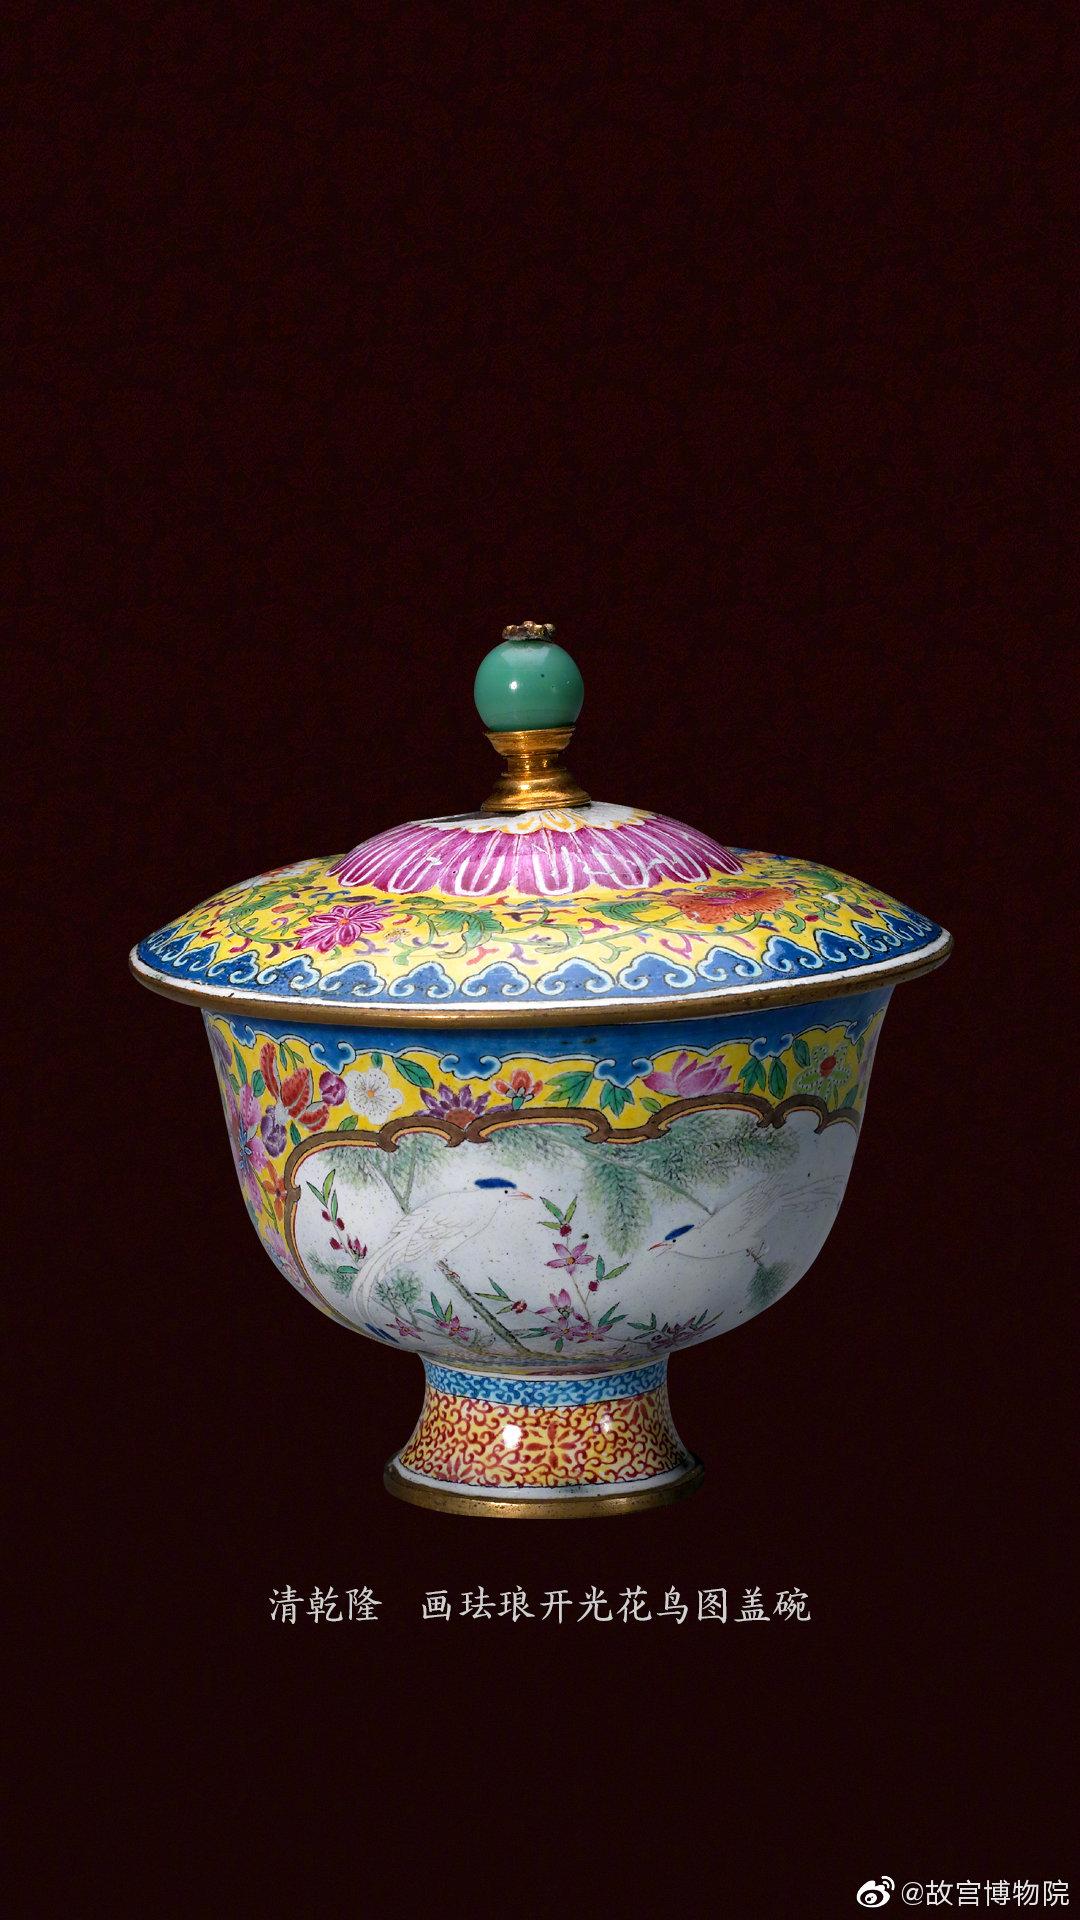 故宫博物院的照片 - 微相册